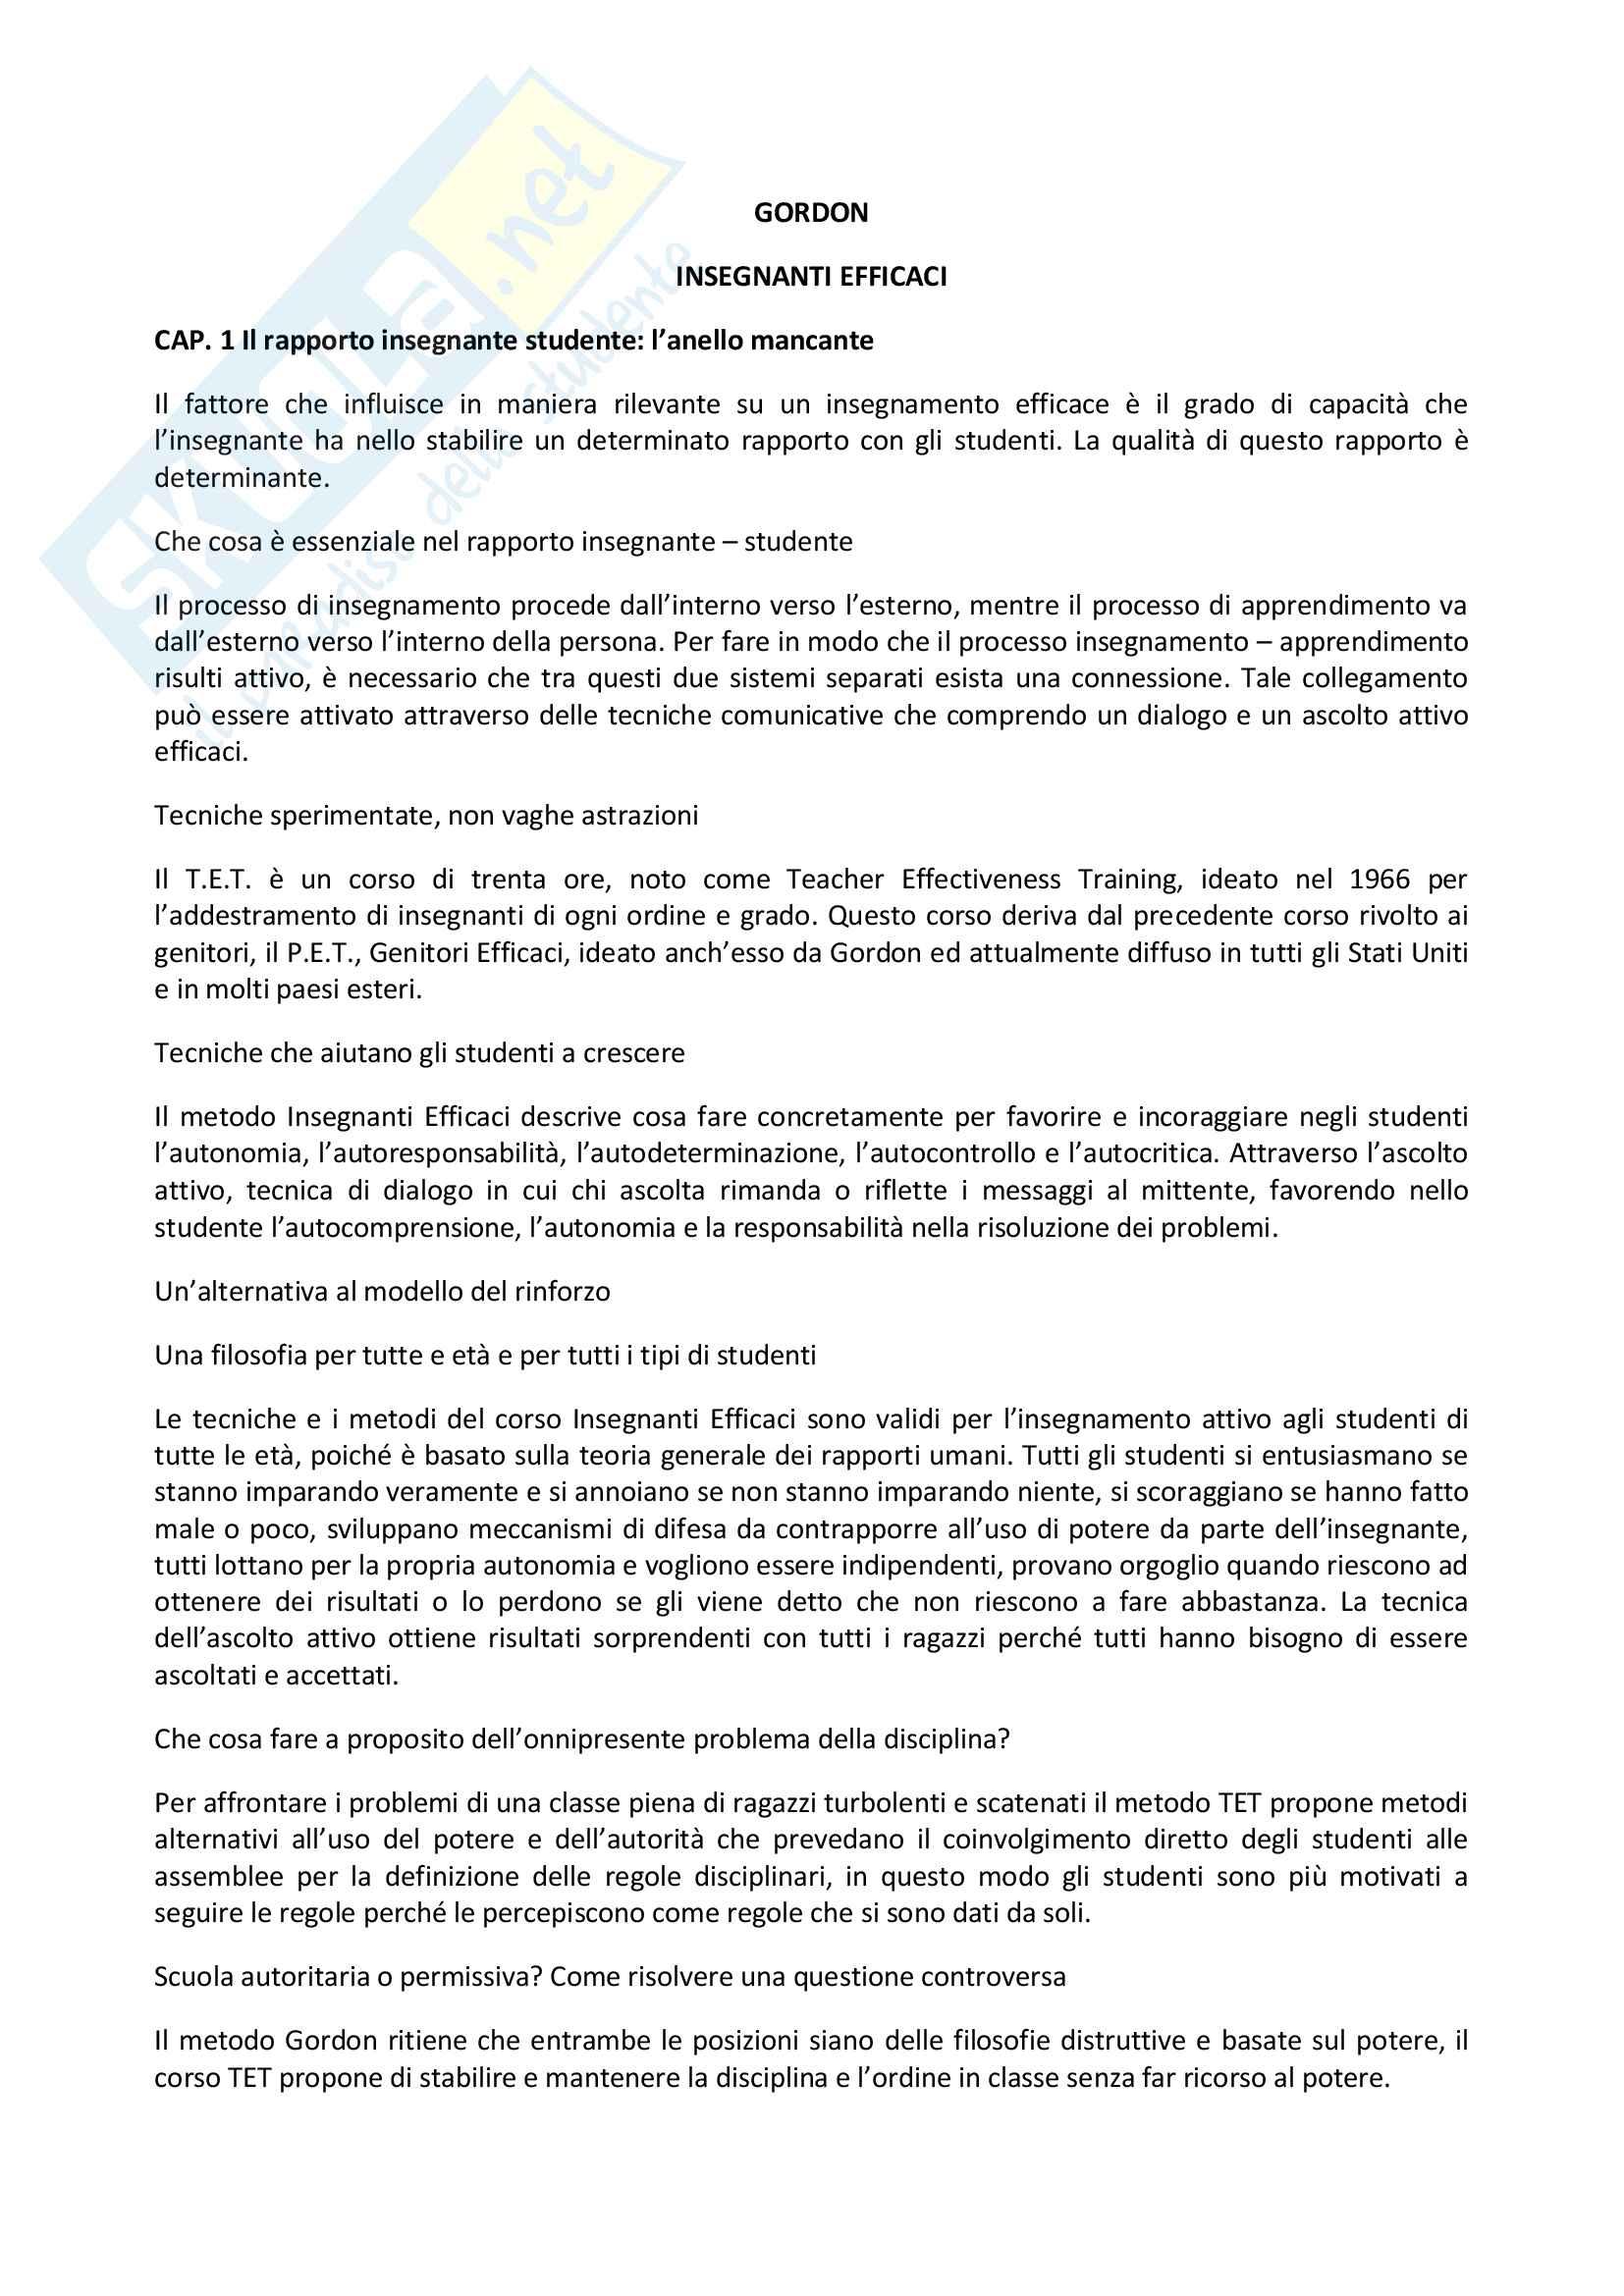 Riassunto esame psicologia dell'educazione e della formazione in una prospettiva europea, prof. Pallini, libro consigliato Insegnanti Efficaci, Gordon